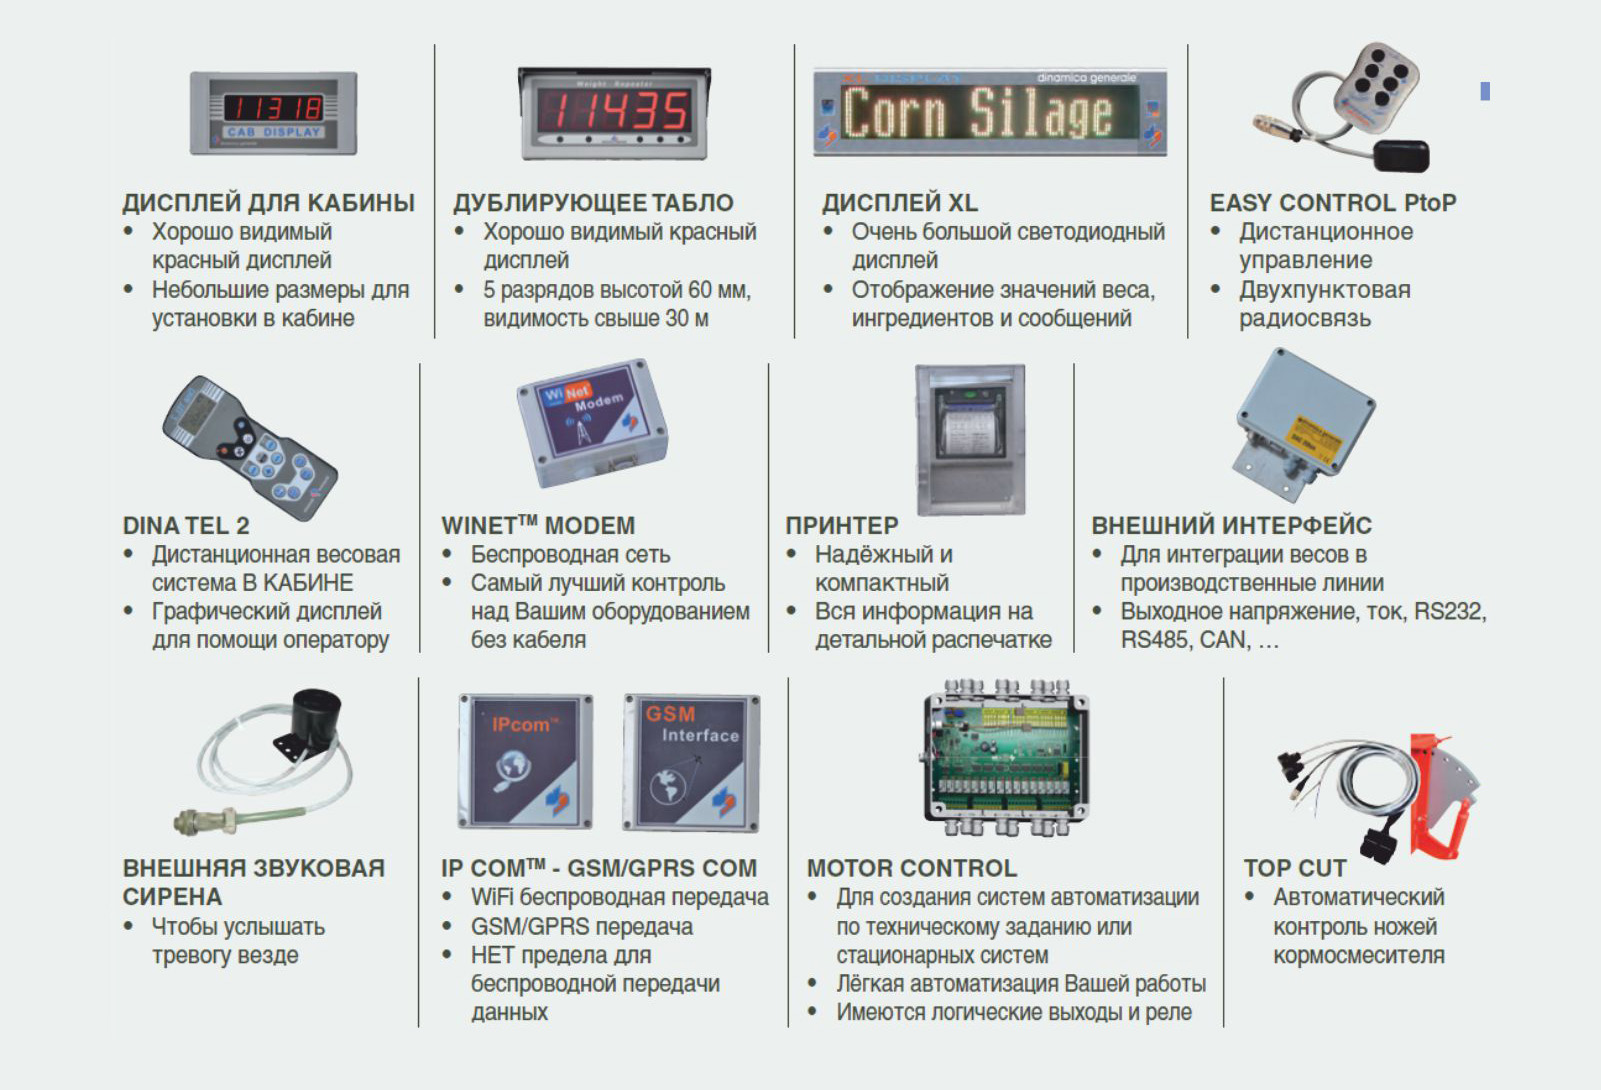 ИНДИКАТОР DG600/SB C ПО DTM И USB  ves_dop_opcii-2